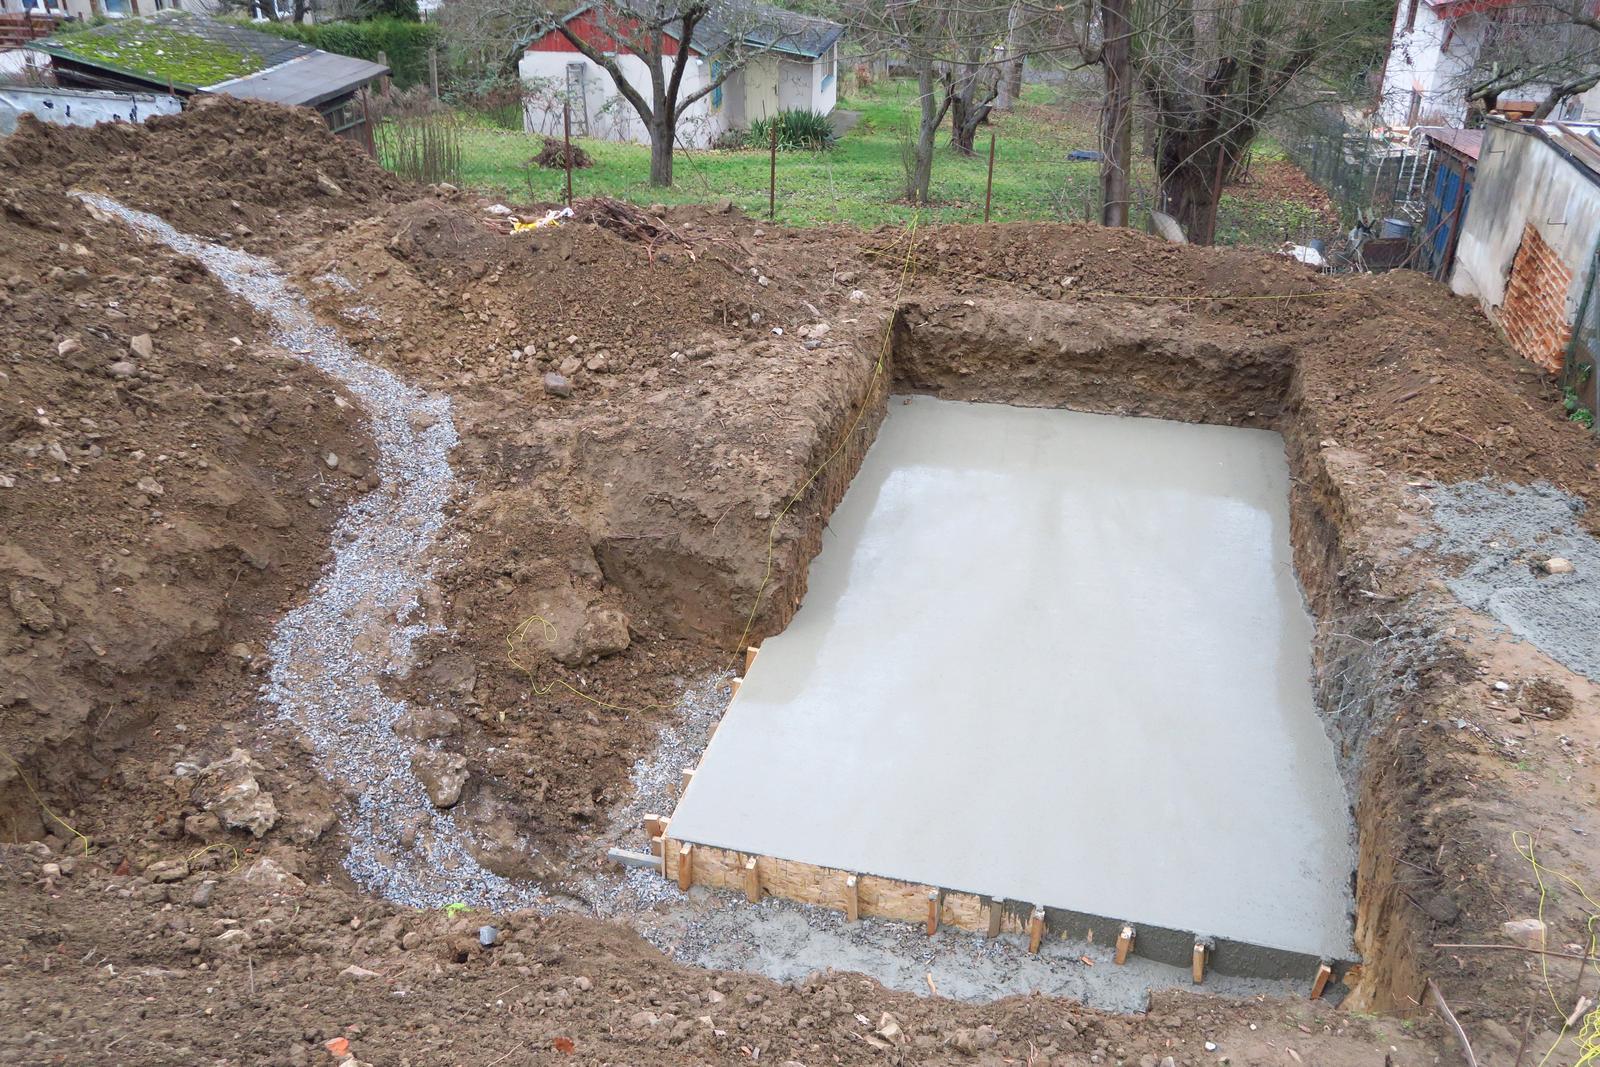 Stavba našeho bungalovu ve svahu - Bazén bude netradičně ještě dřív než barák, protože vzhledem k prostoru bychom ho tam pak dostali leda jeřábem....